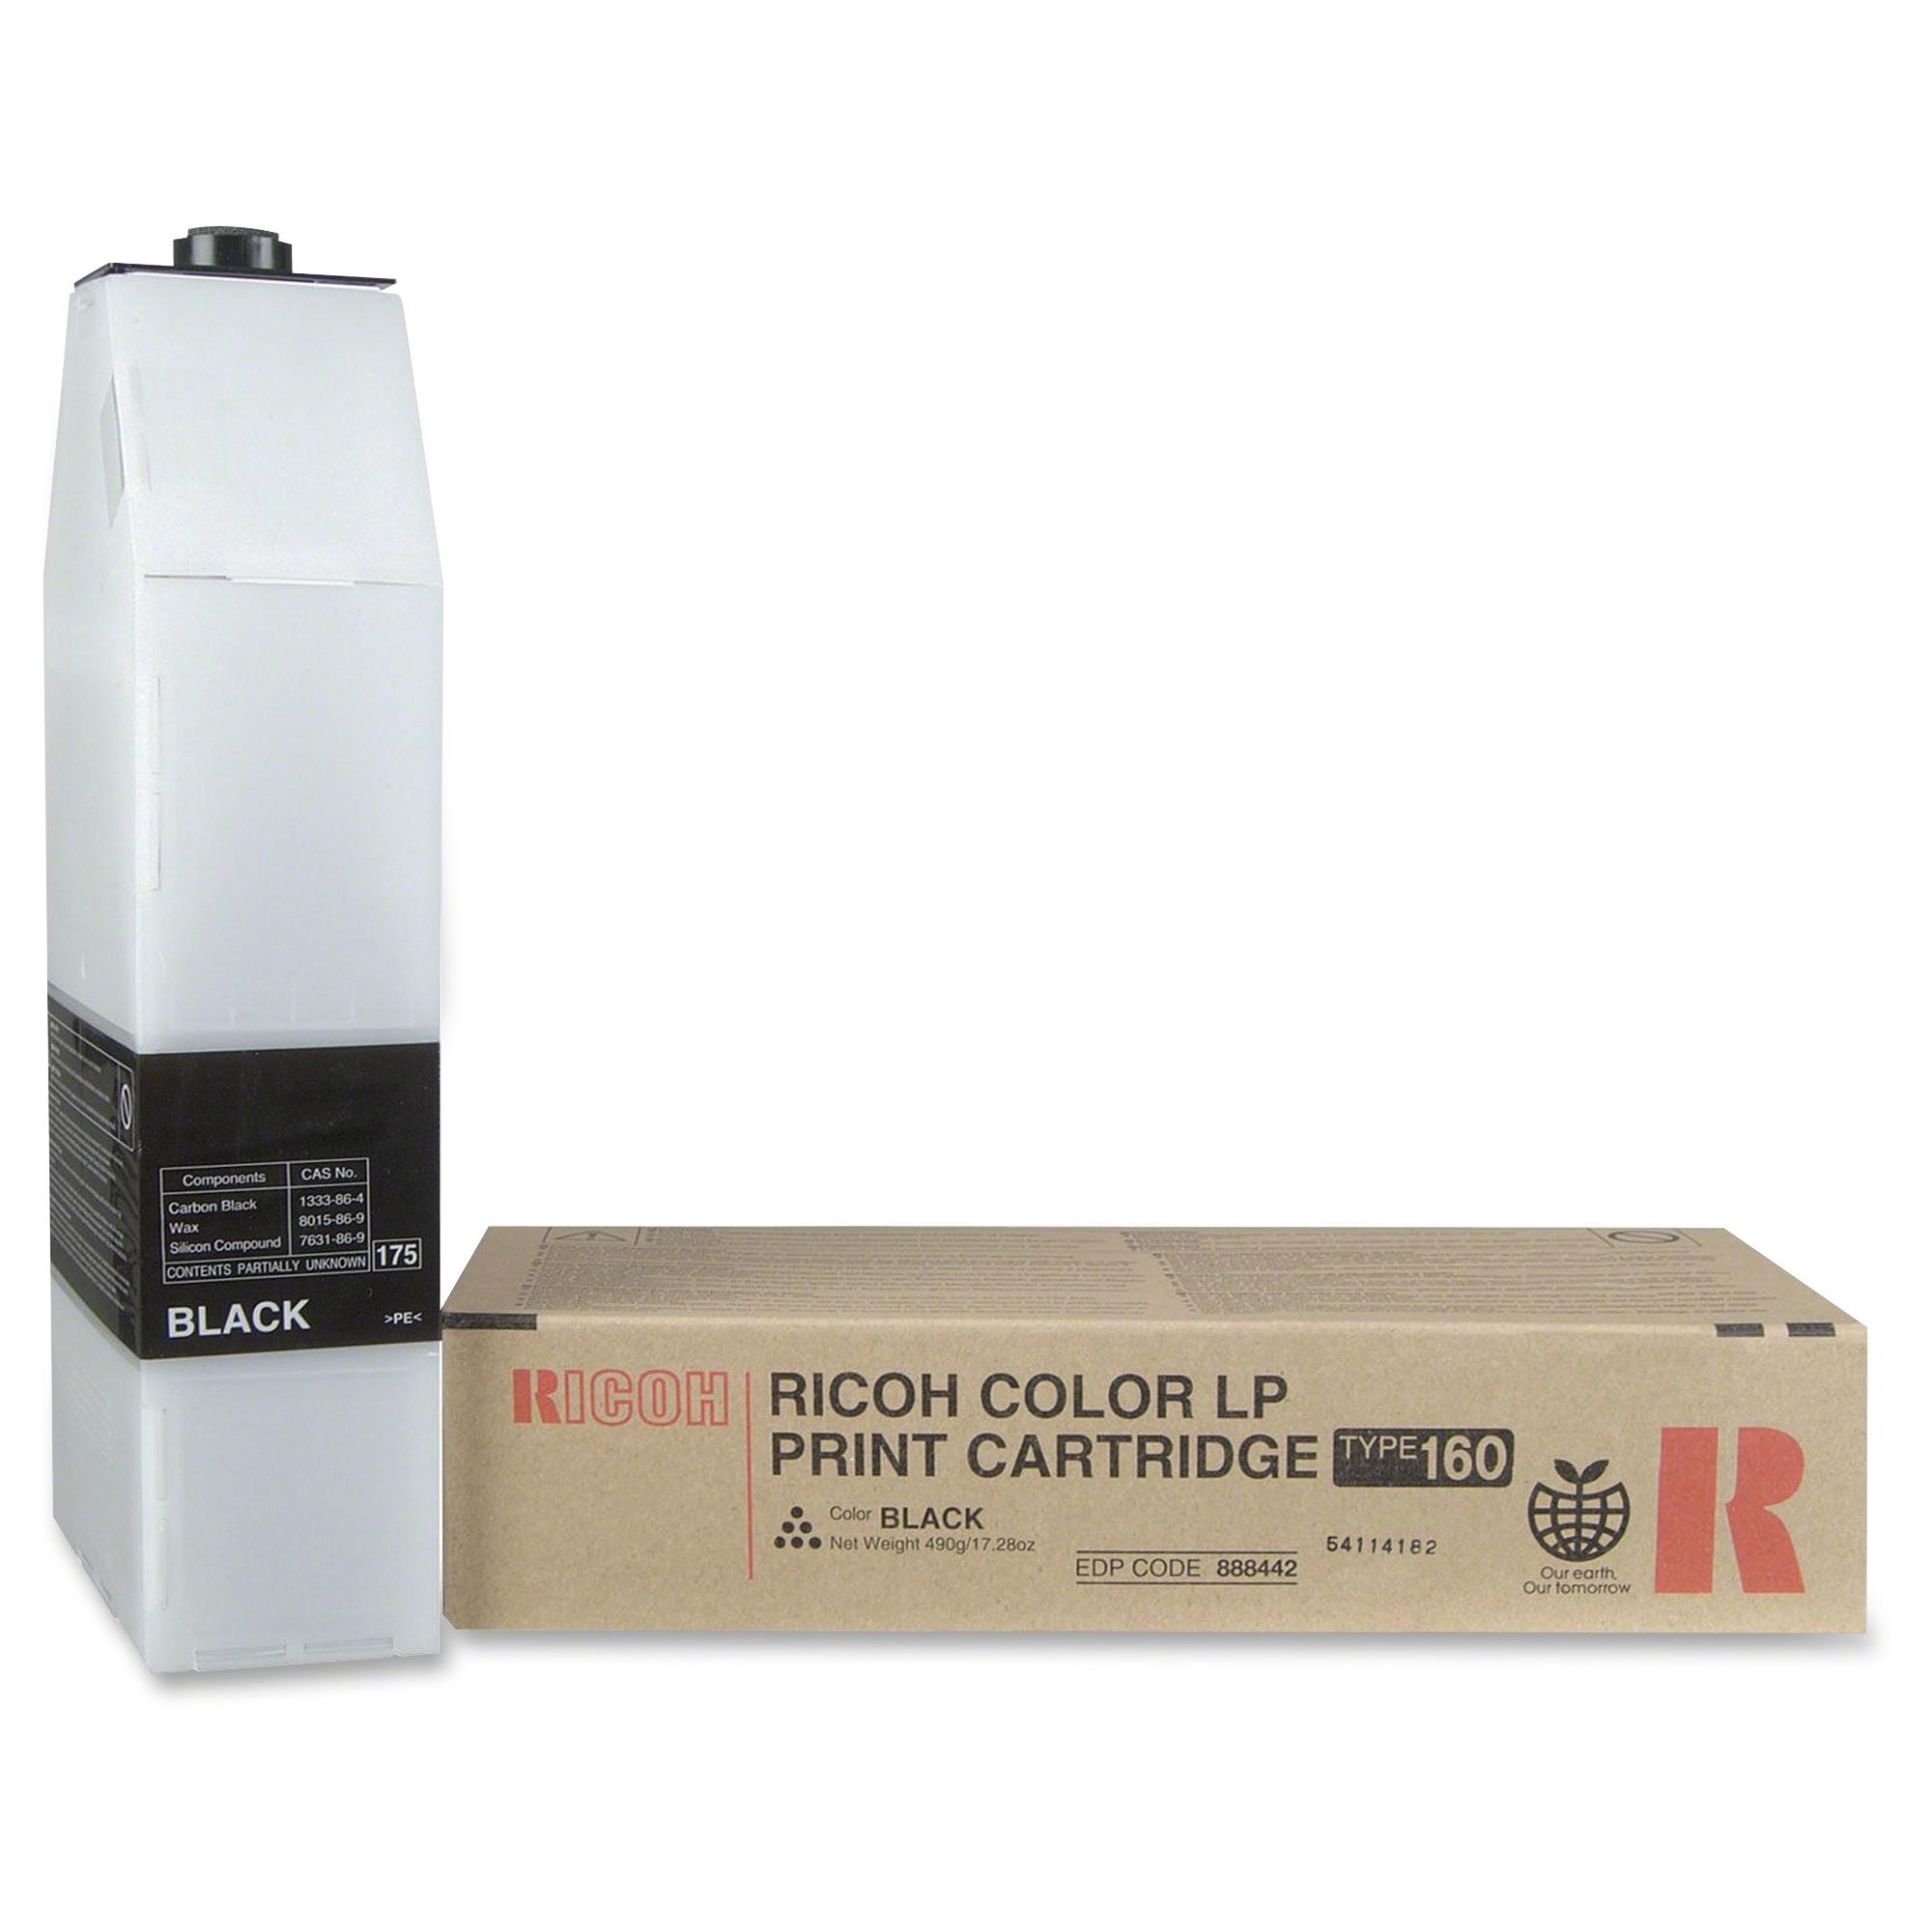 Black - original - toner cartridge - for Ricoh C7528n C7535hdn CL7200 CL7200 DT1 CL7200 DT2 CL7300 CL7300 DT1 CL7300 DT2